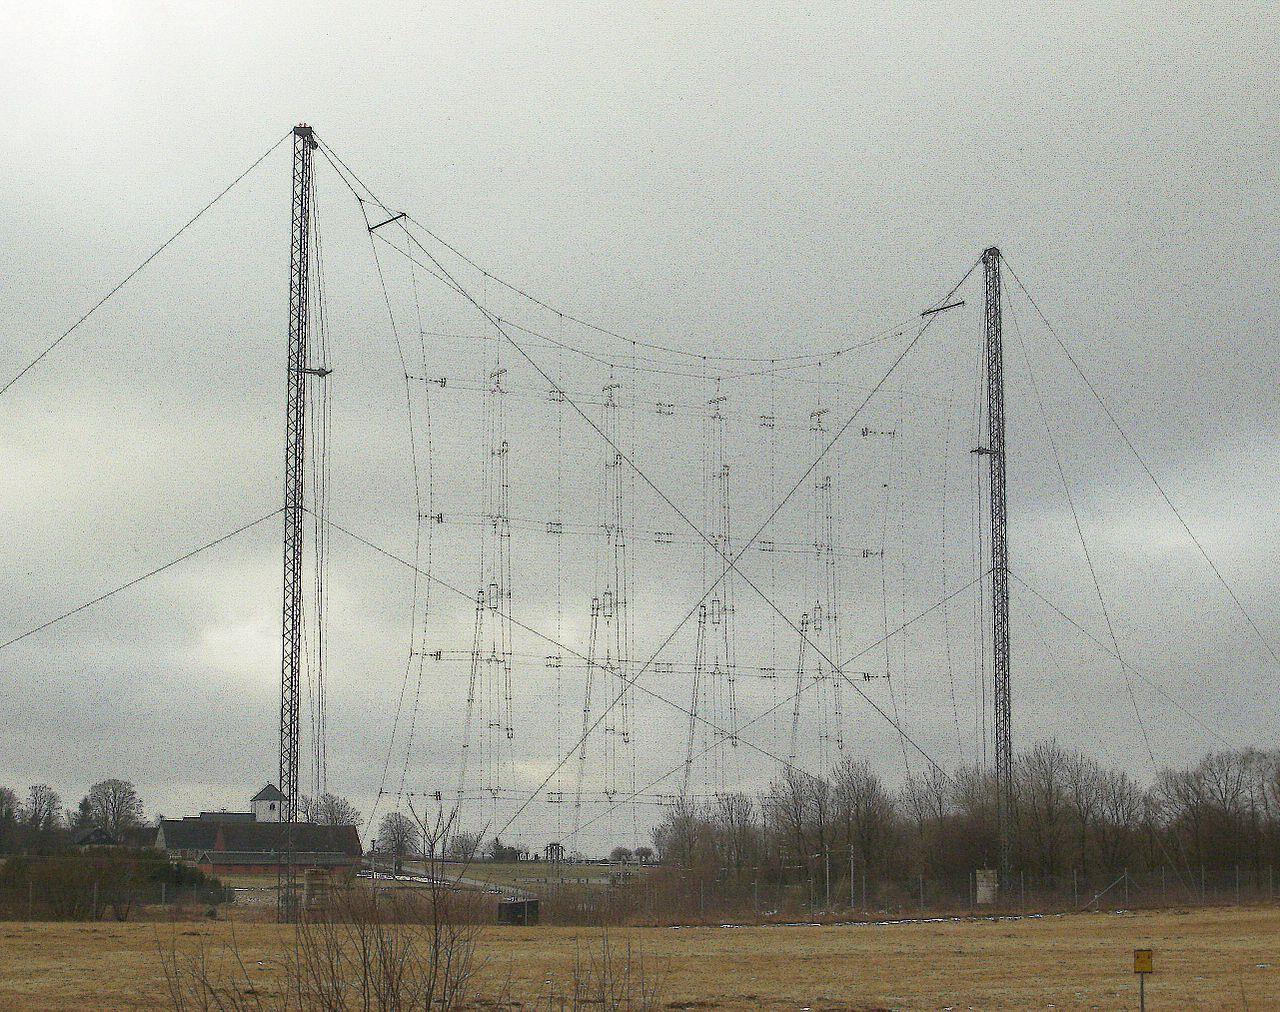 Best Fm Antenna Design